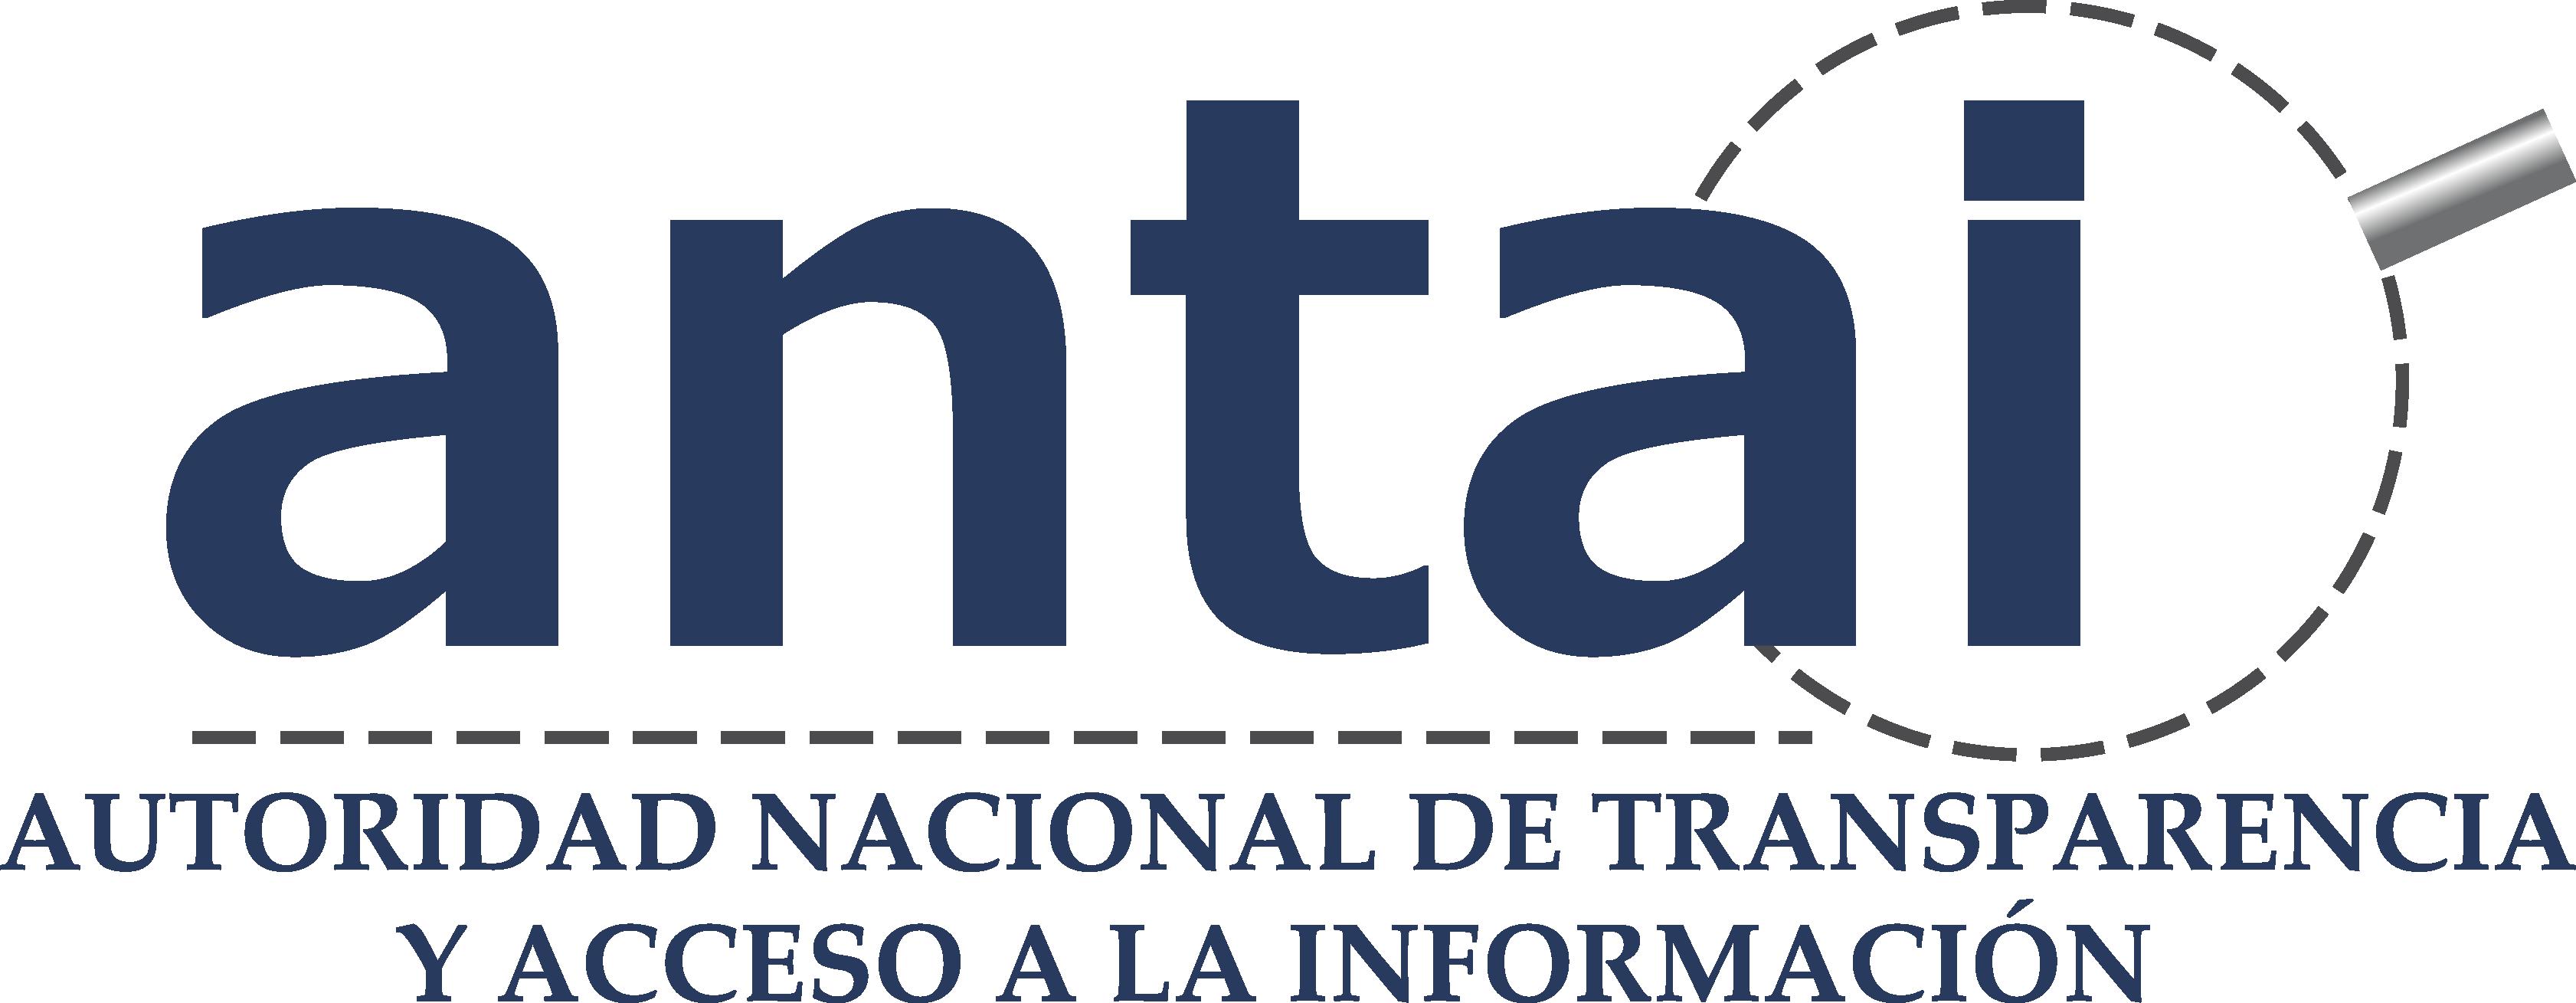 Finaliza 17 conferencia internacional contra la for Oficina de transparencia y acceso ala informacion